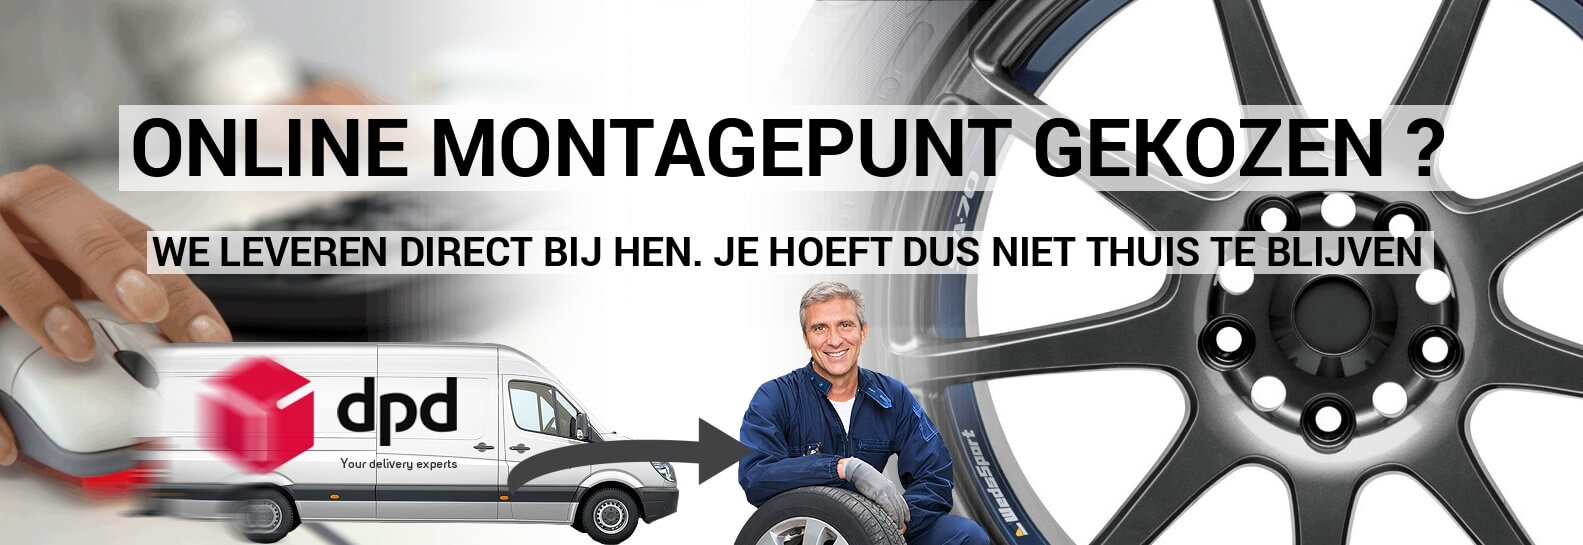 7c331dadb2a Bandenmontage - Autobanden bestellen met voordeel. Gratis levering ...